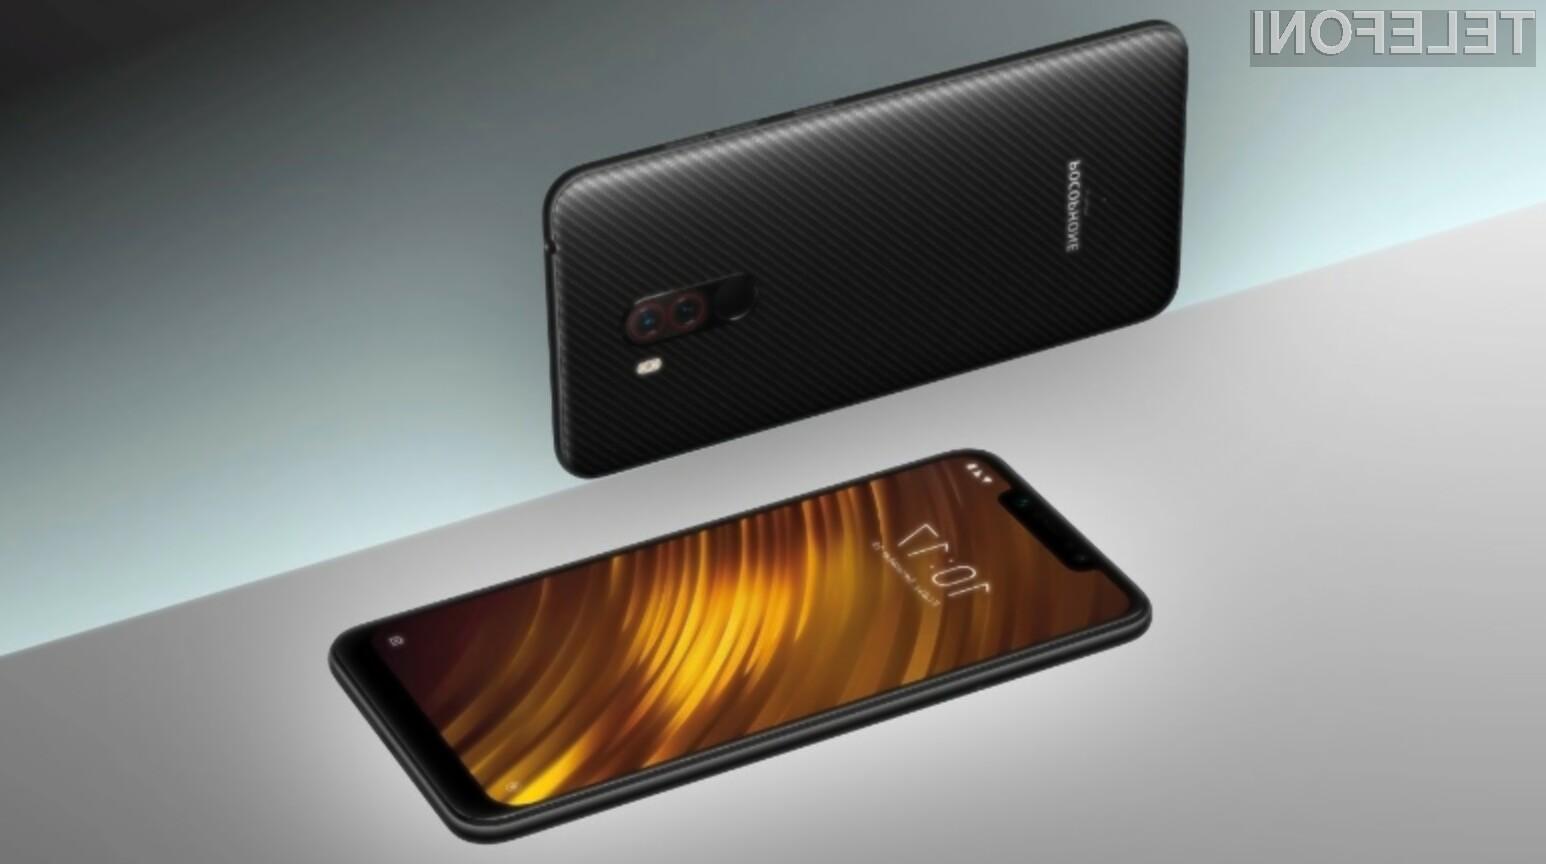 Pametni mobilni telefon Xiaomi Pocophone F1 bo z najnovejšo posodobitvijo močno pridobil na uporabnosti!